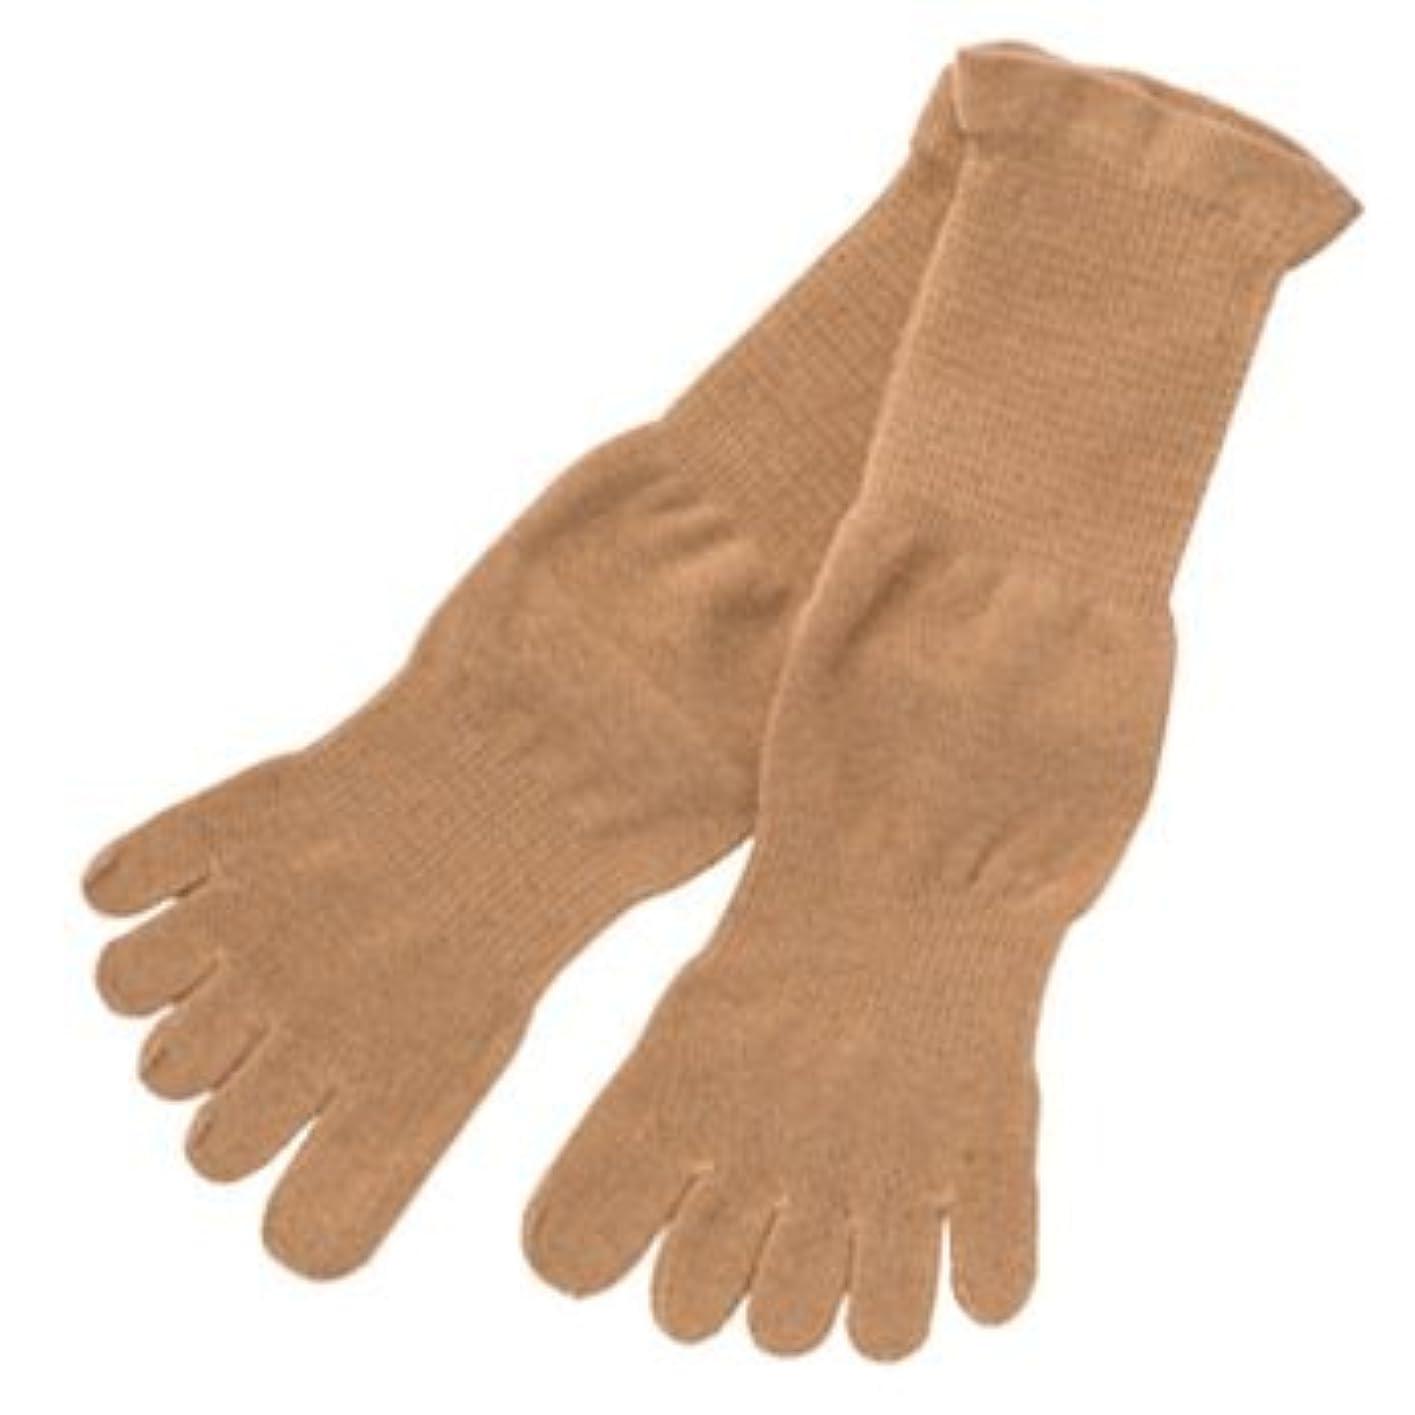 オーバーラン九時四十五分鉛筆五本指薄手ソックスMブラウン:オーガニックコットン100% 履くだけで足のつぼをマッサージし、健康に良いソックスです!